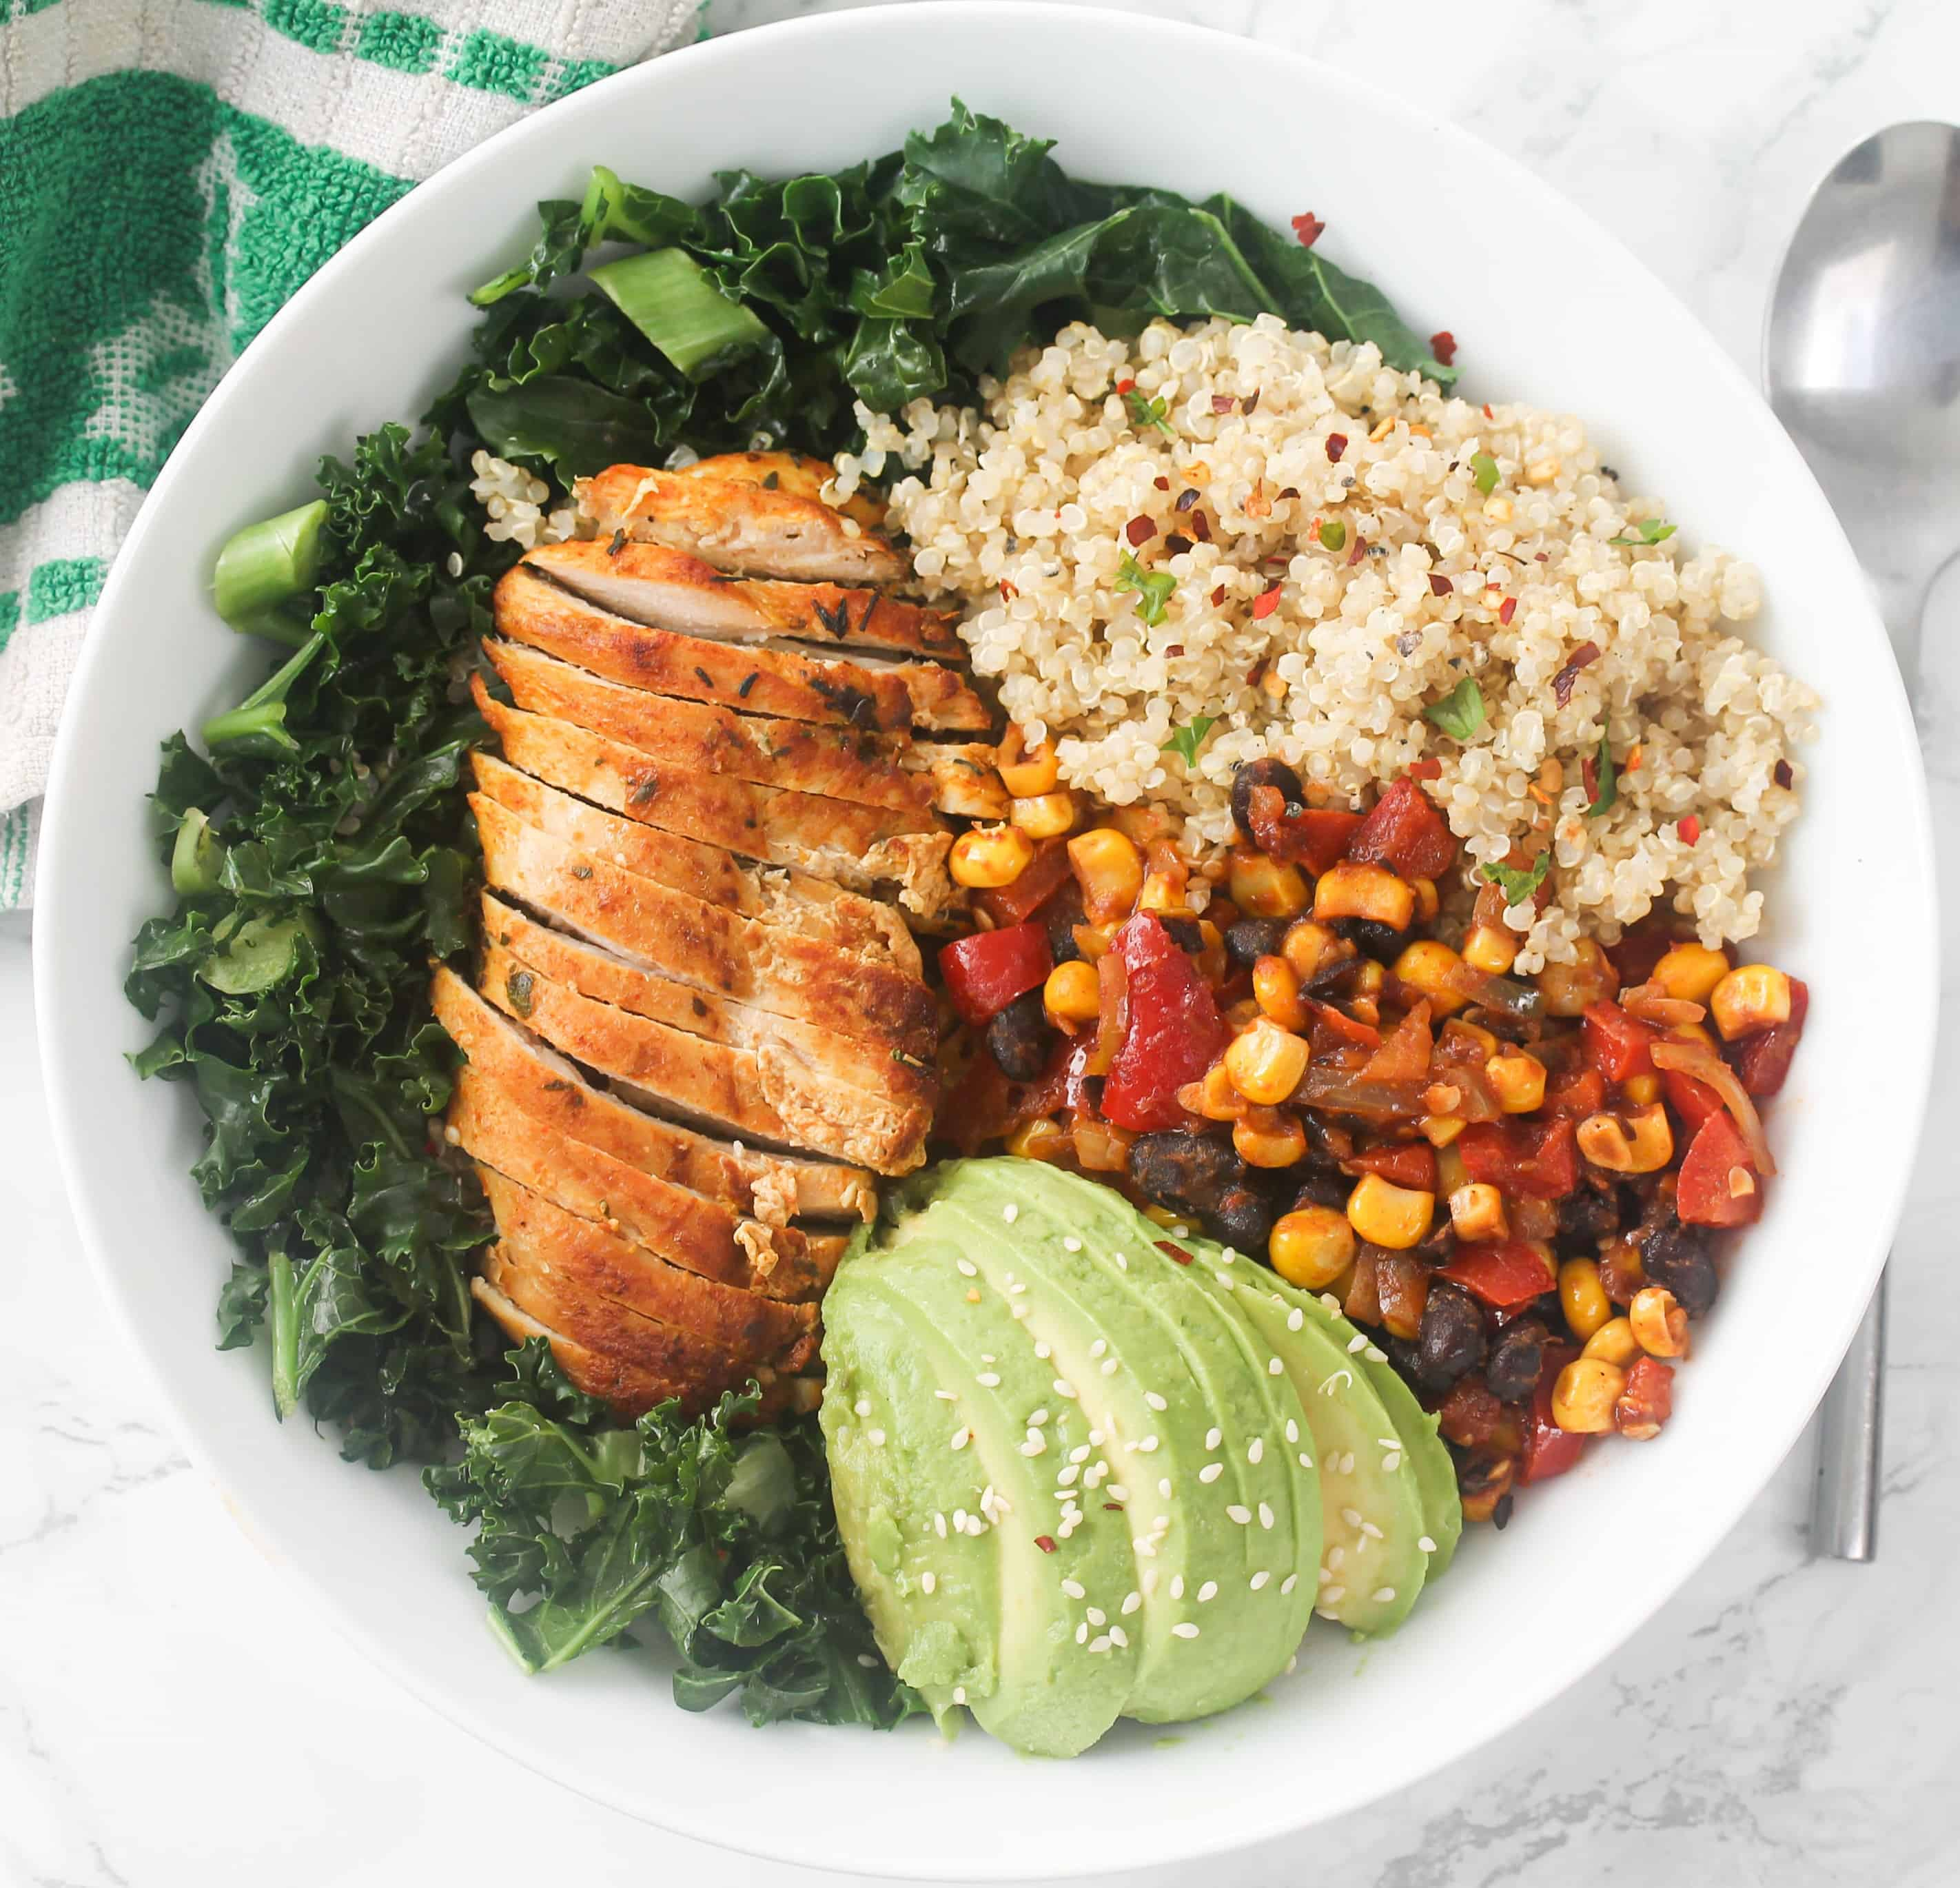 healthy-chicken-quinoa-vegetable-salad